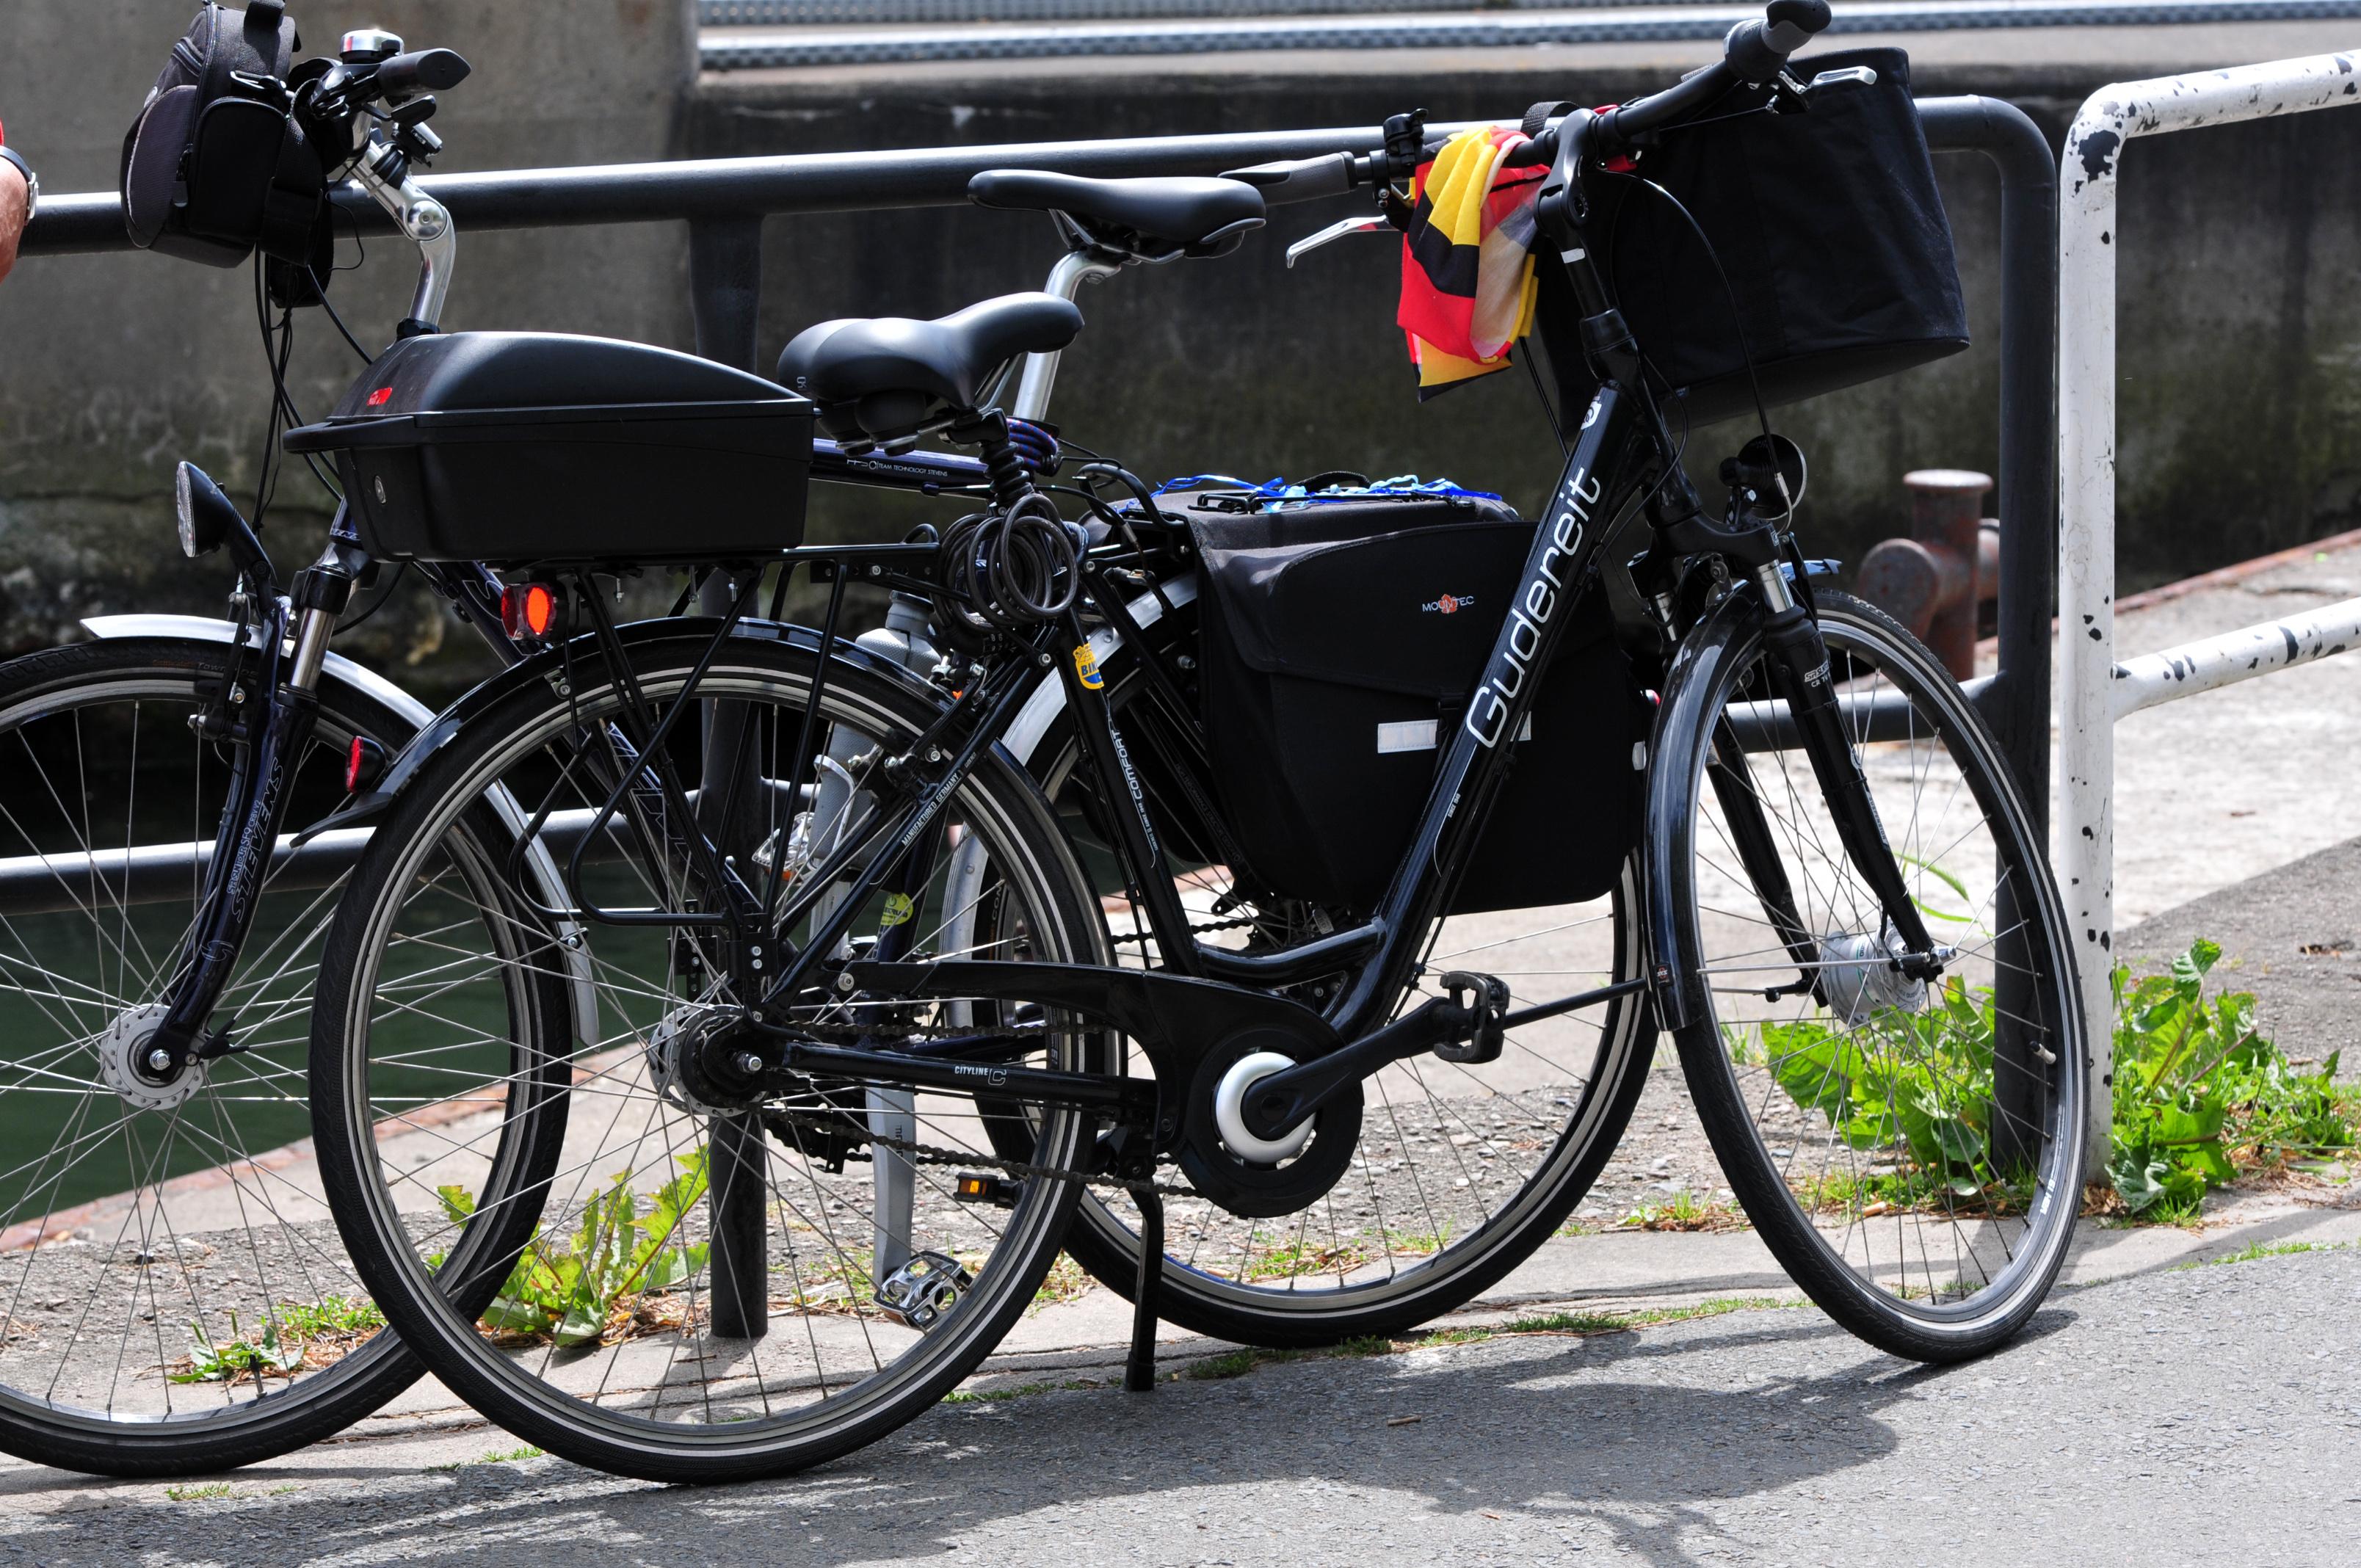 12-06-09-fahrrad-by-ralfr-05.jpg